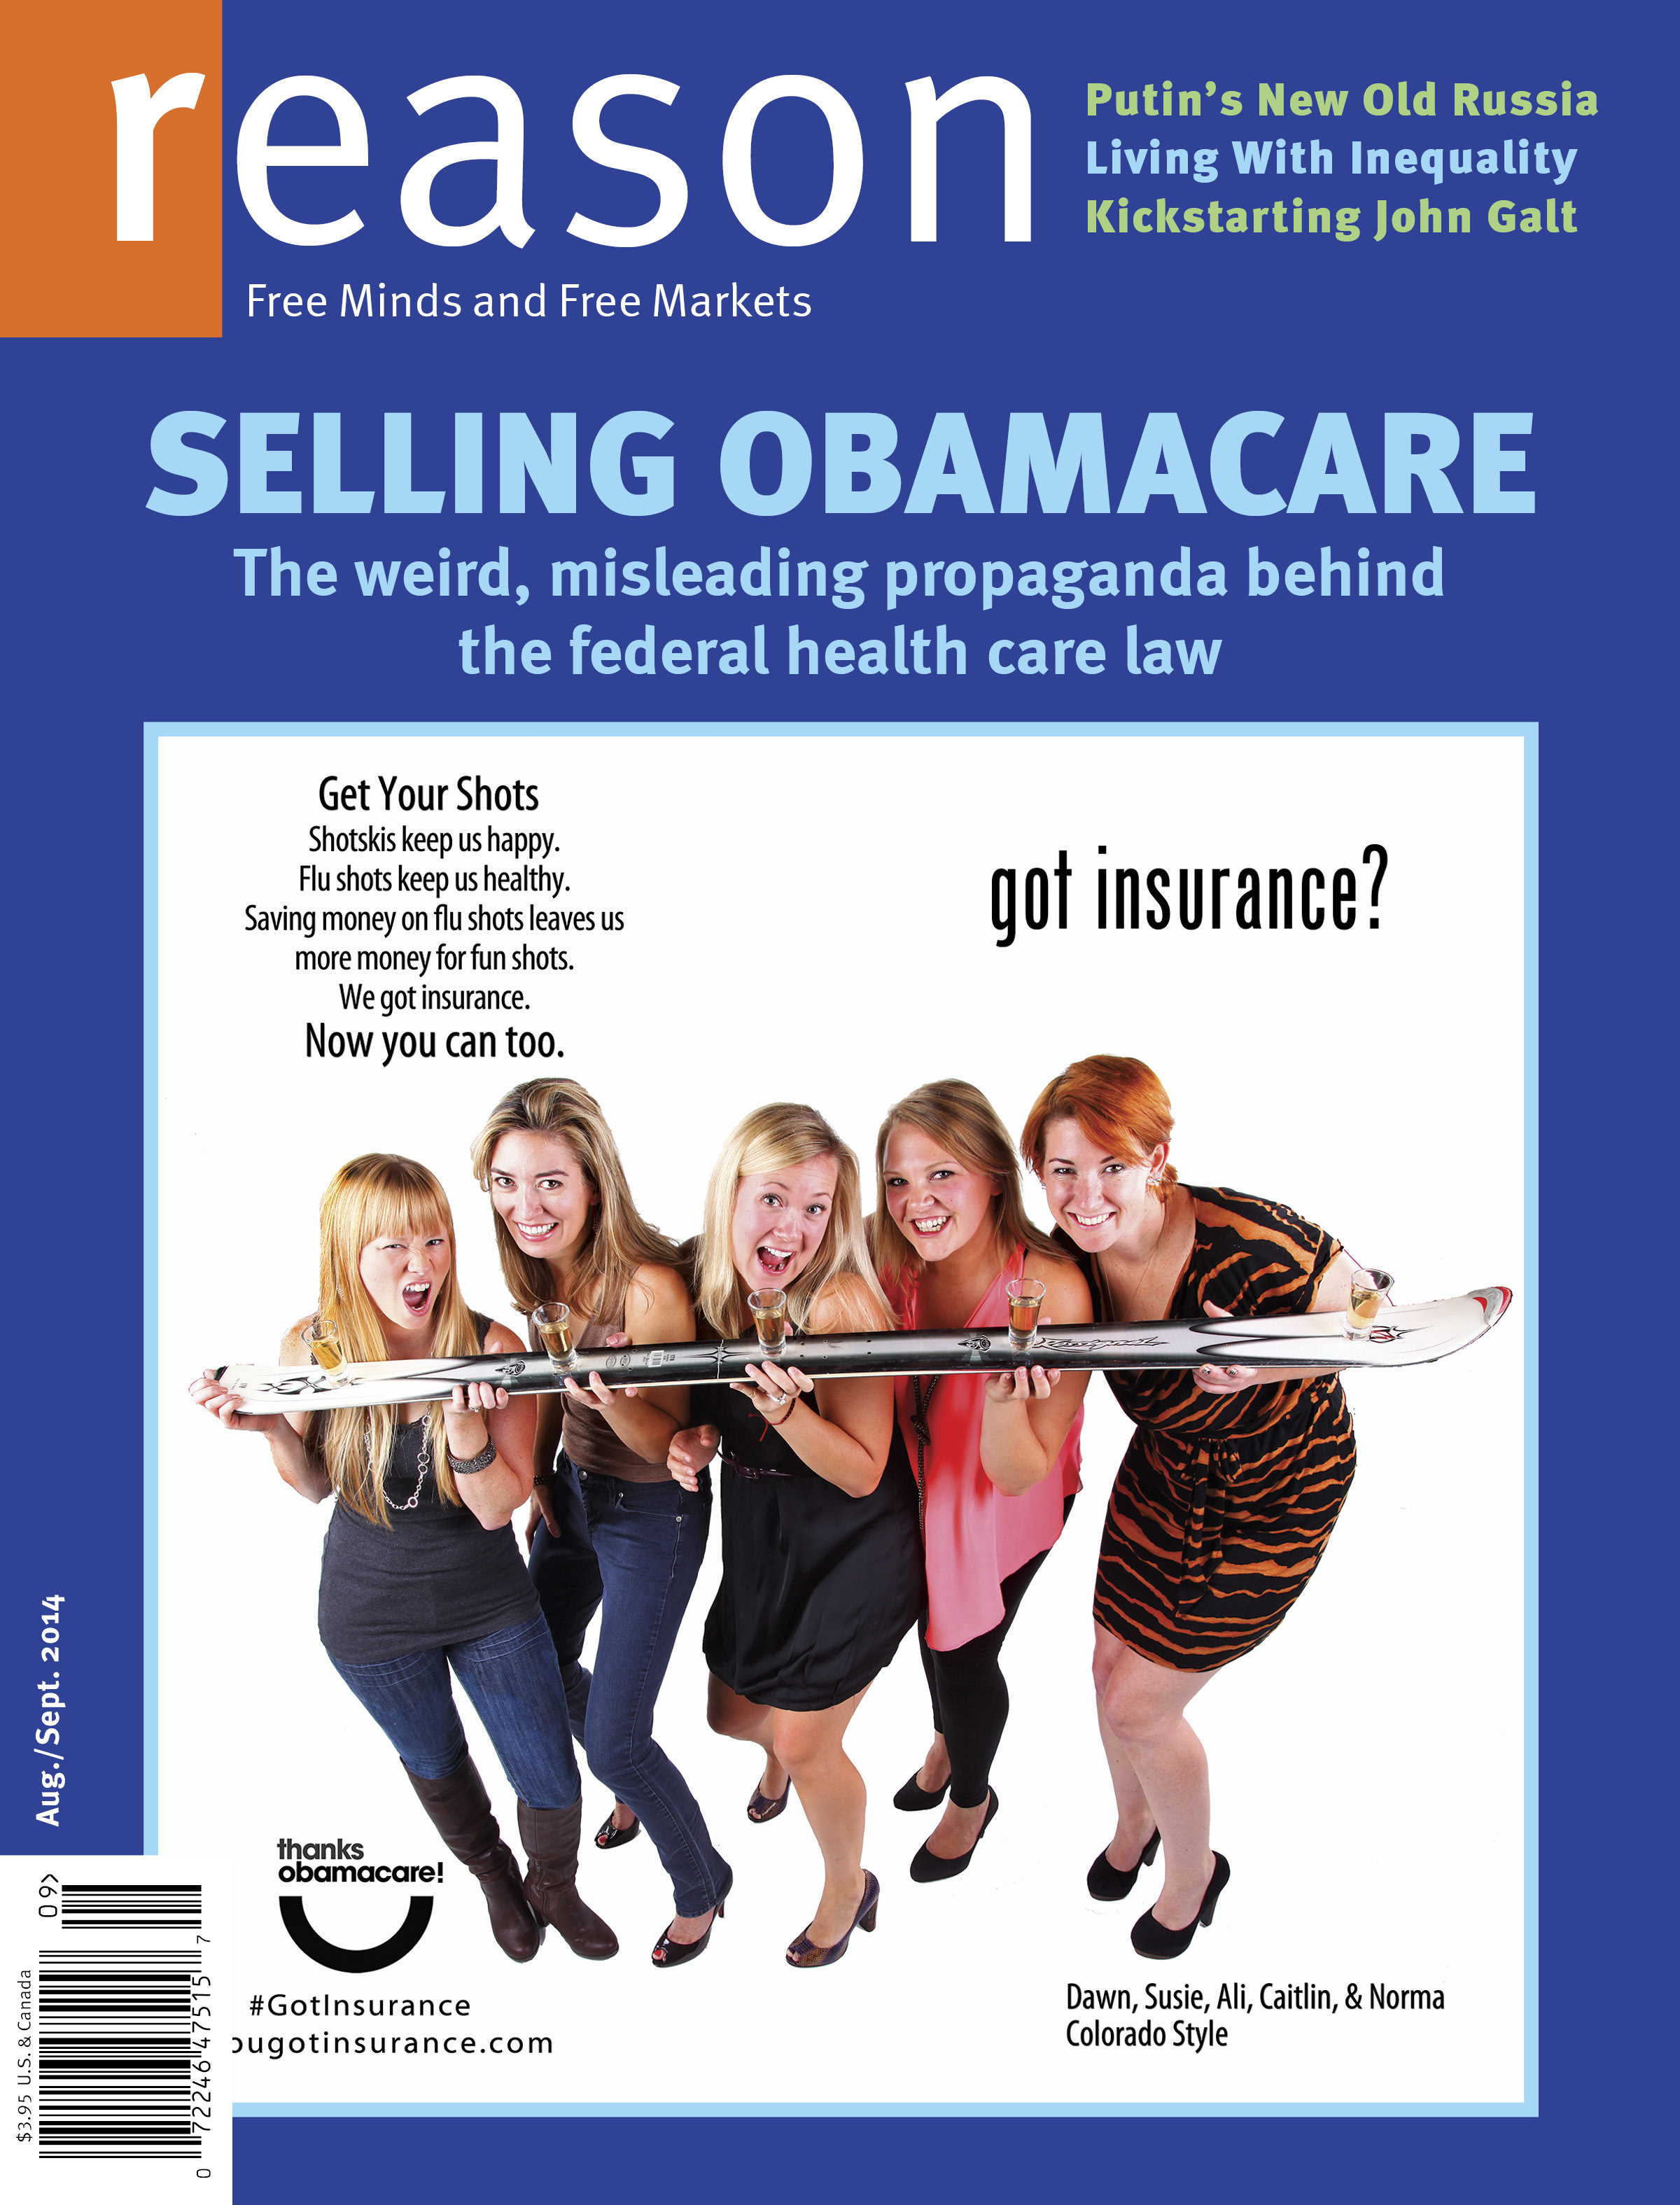 Reason Magazine, August/September 2014 cover image